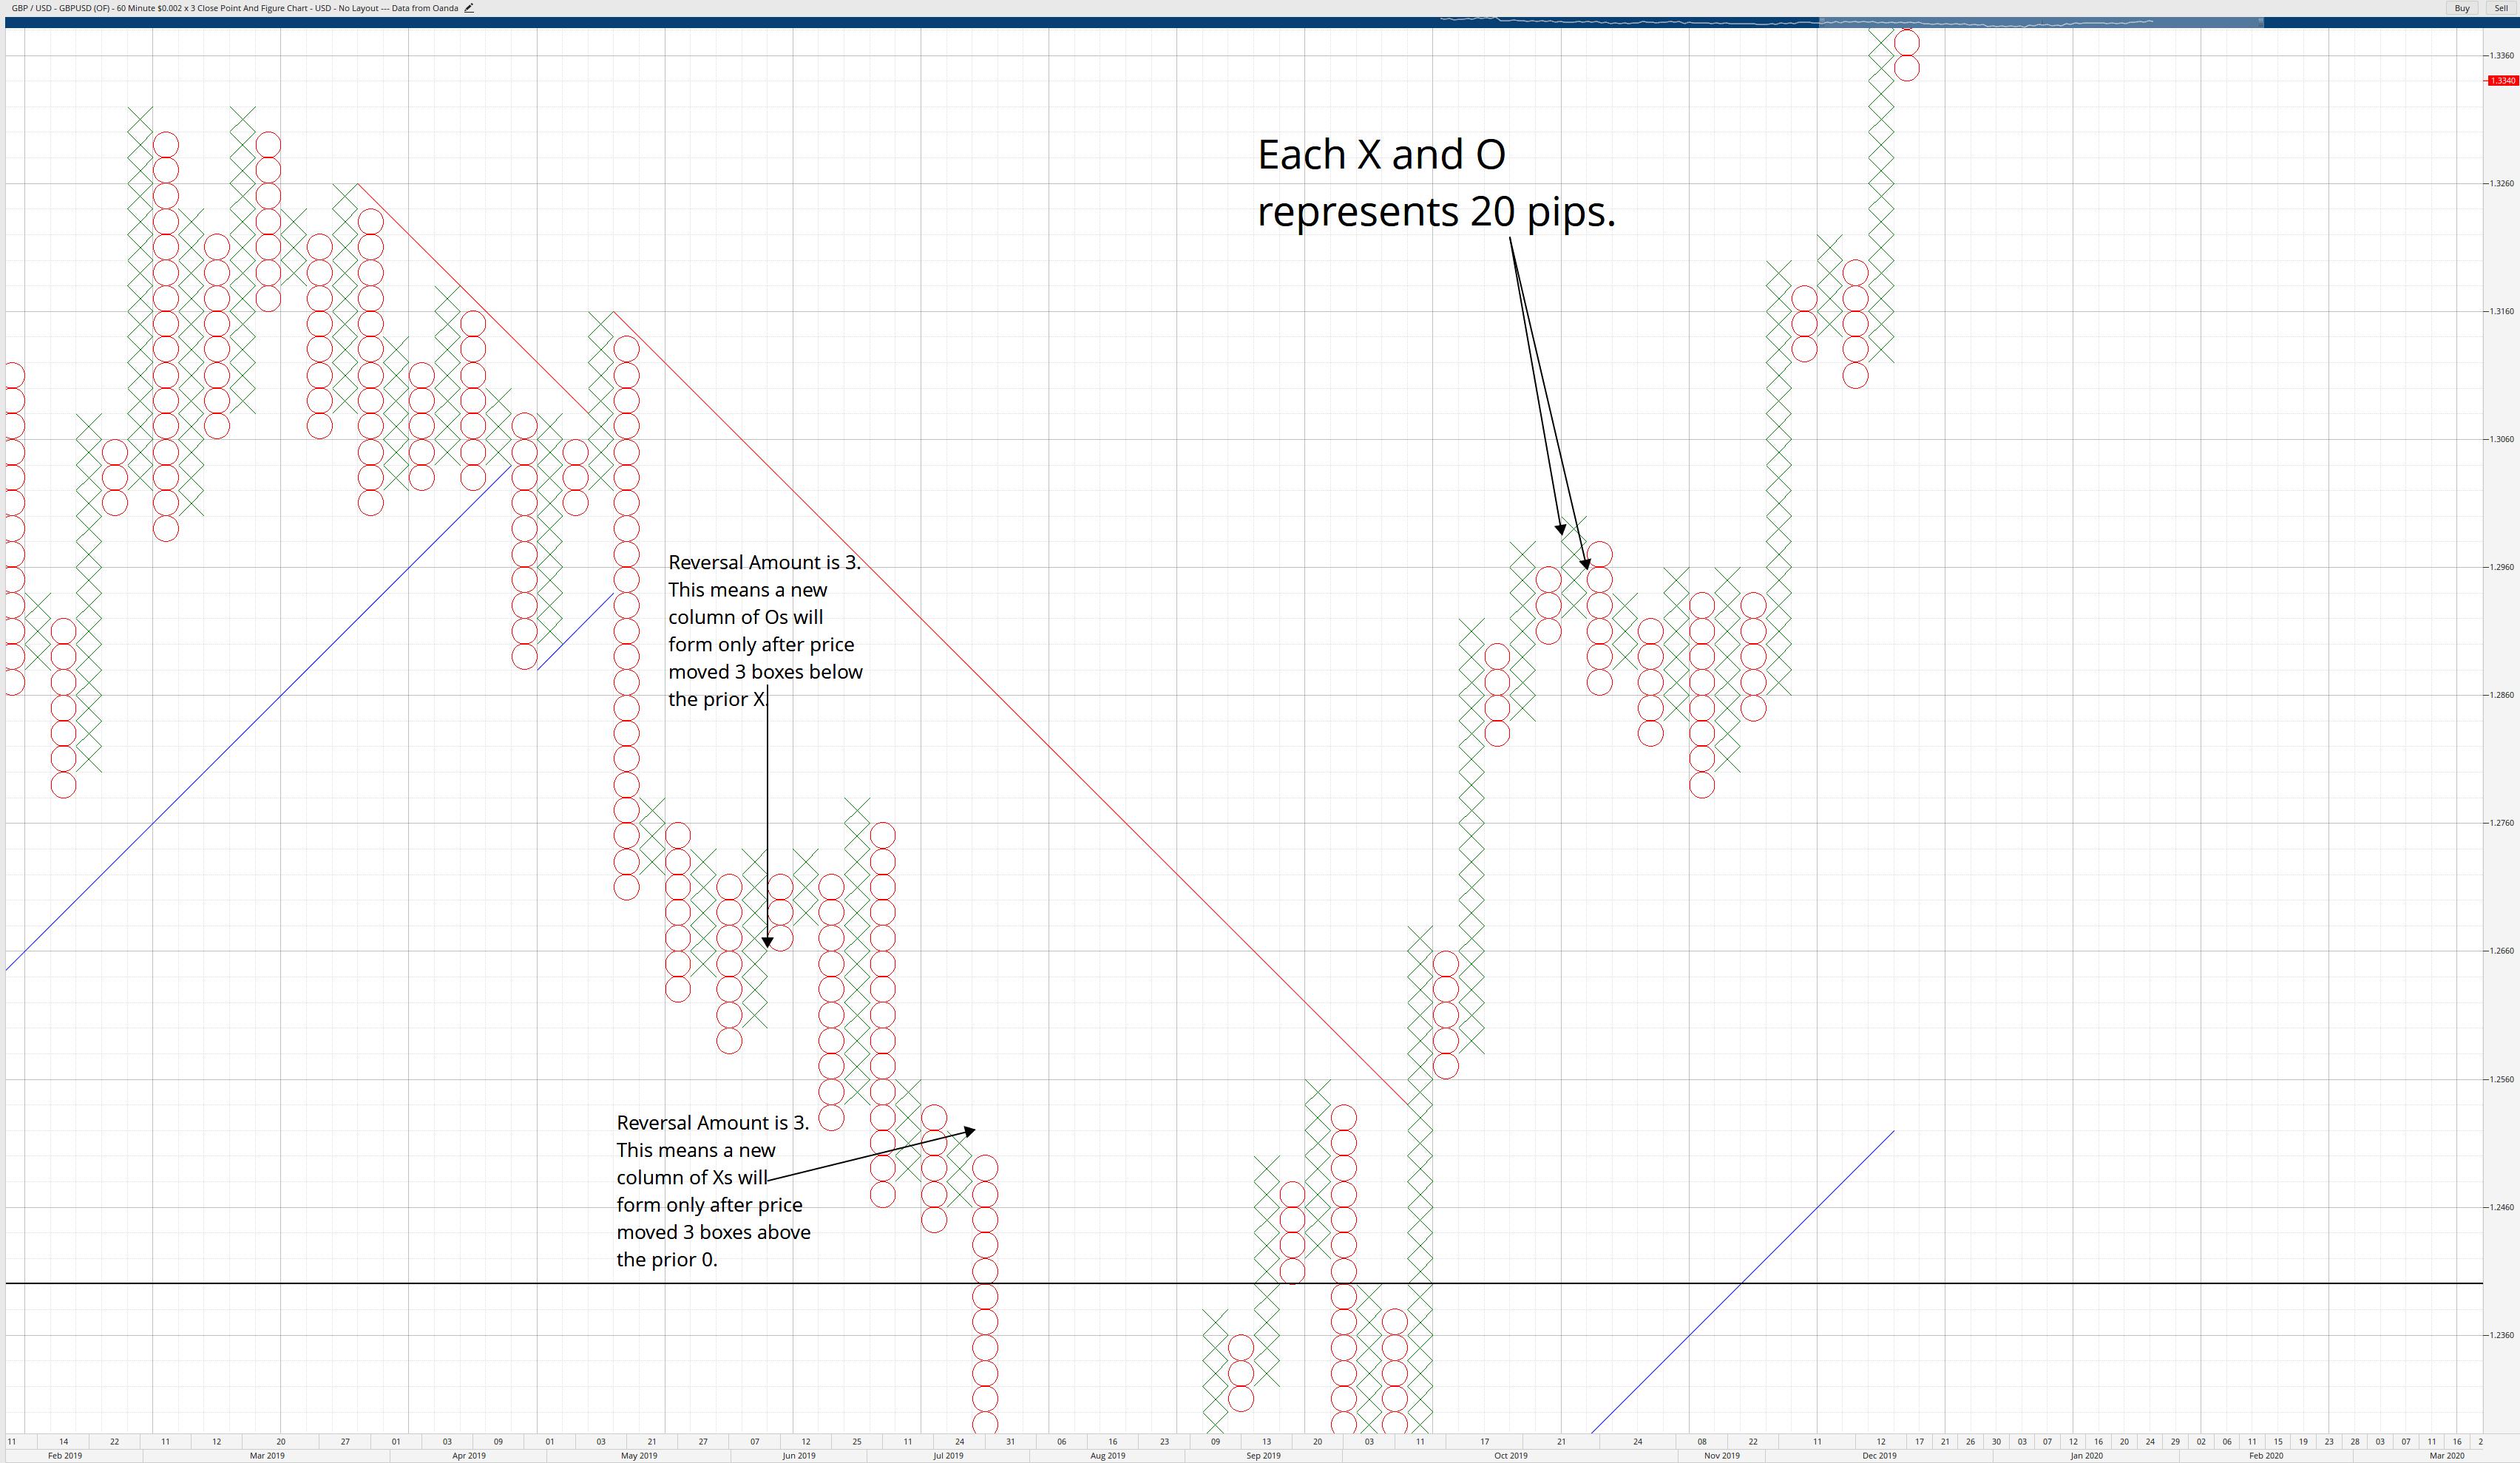 Box Size & Reversal Amount